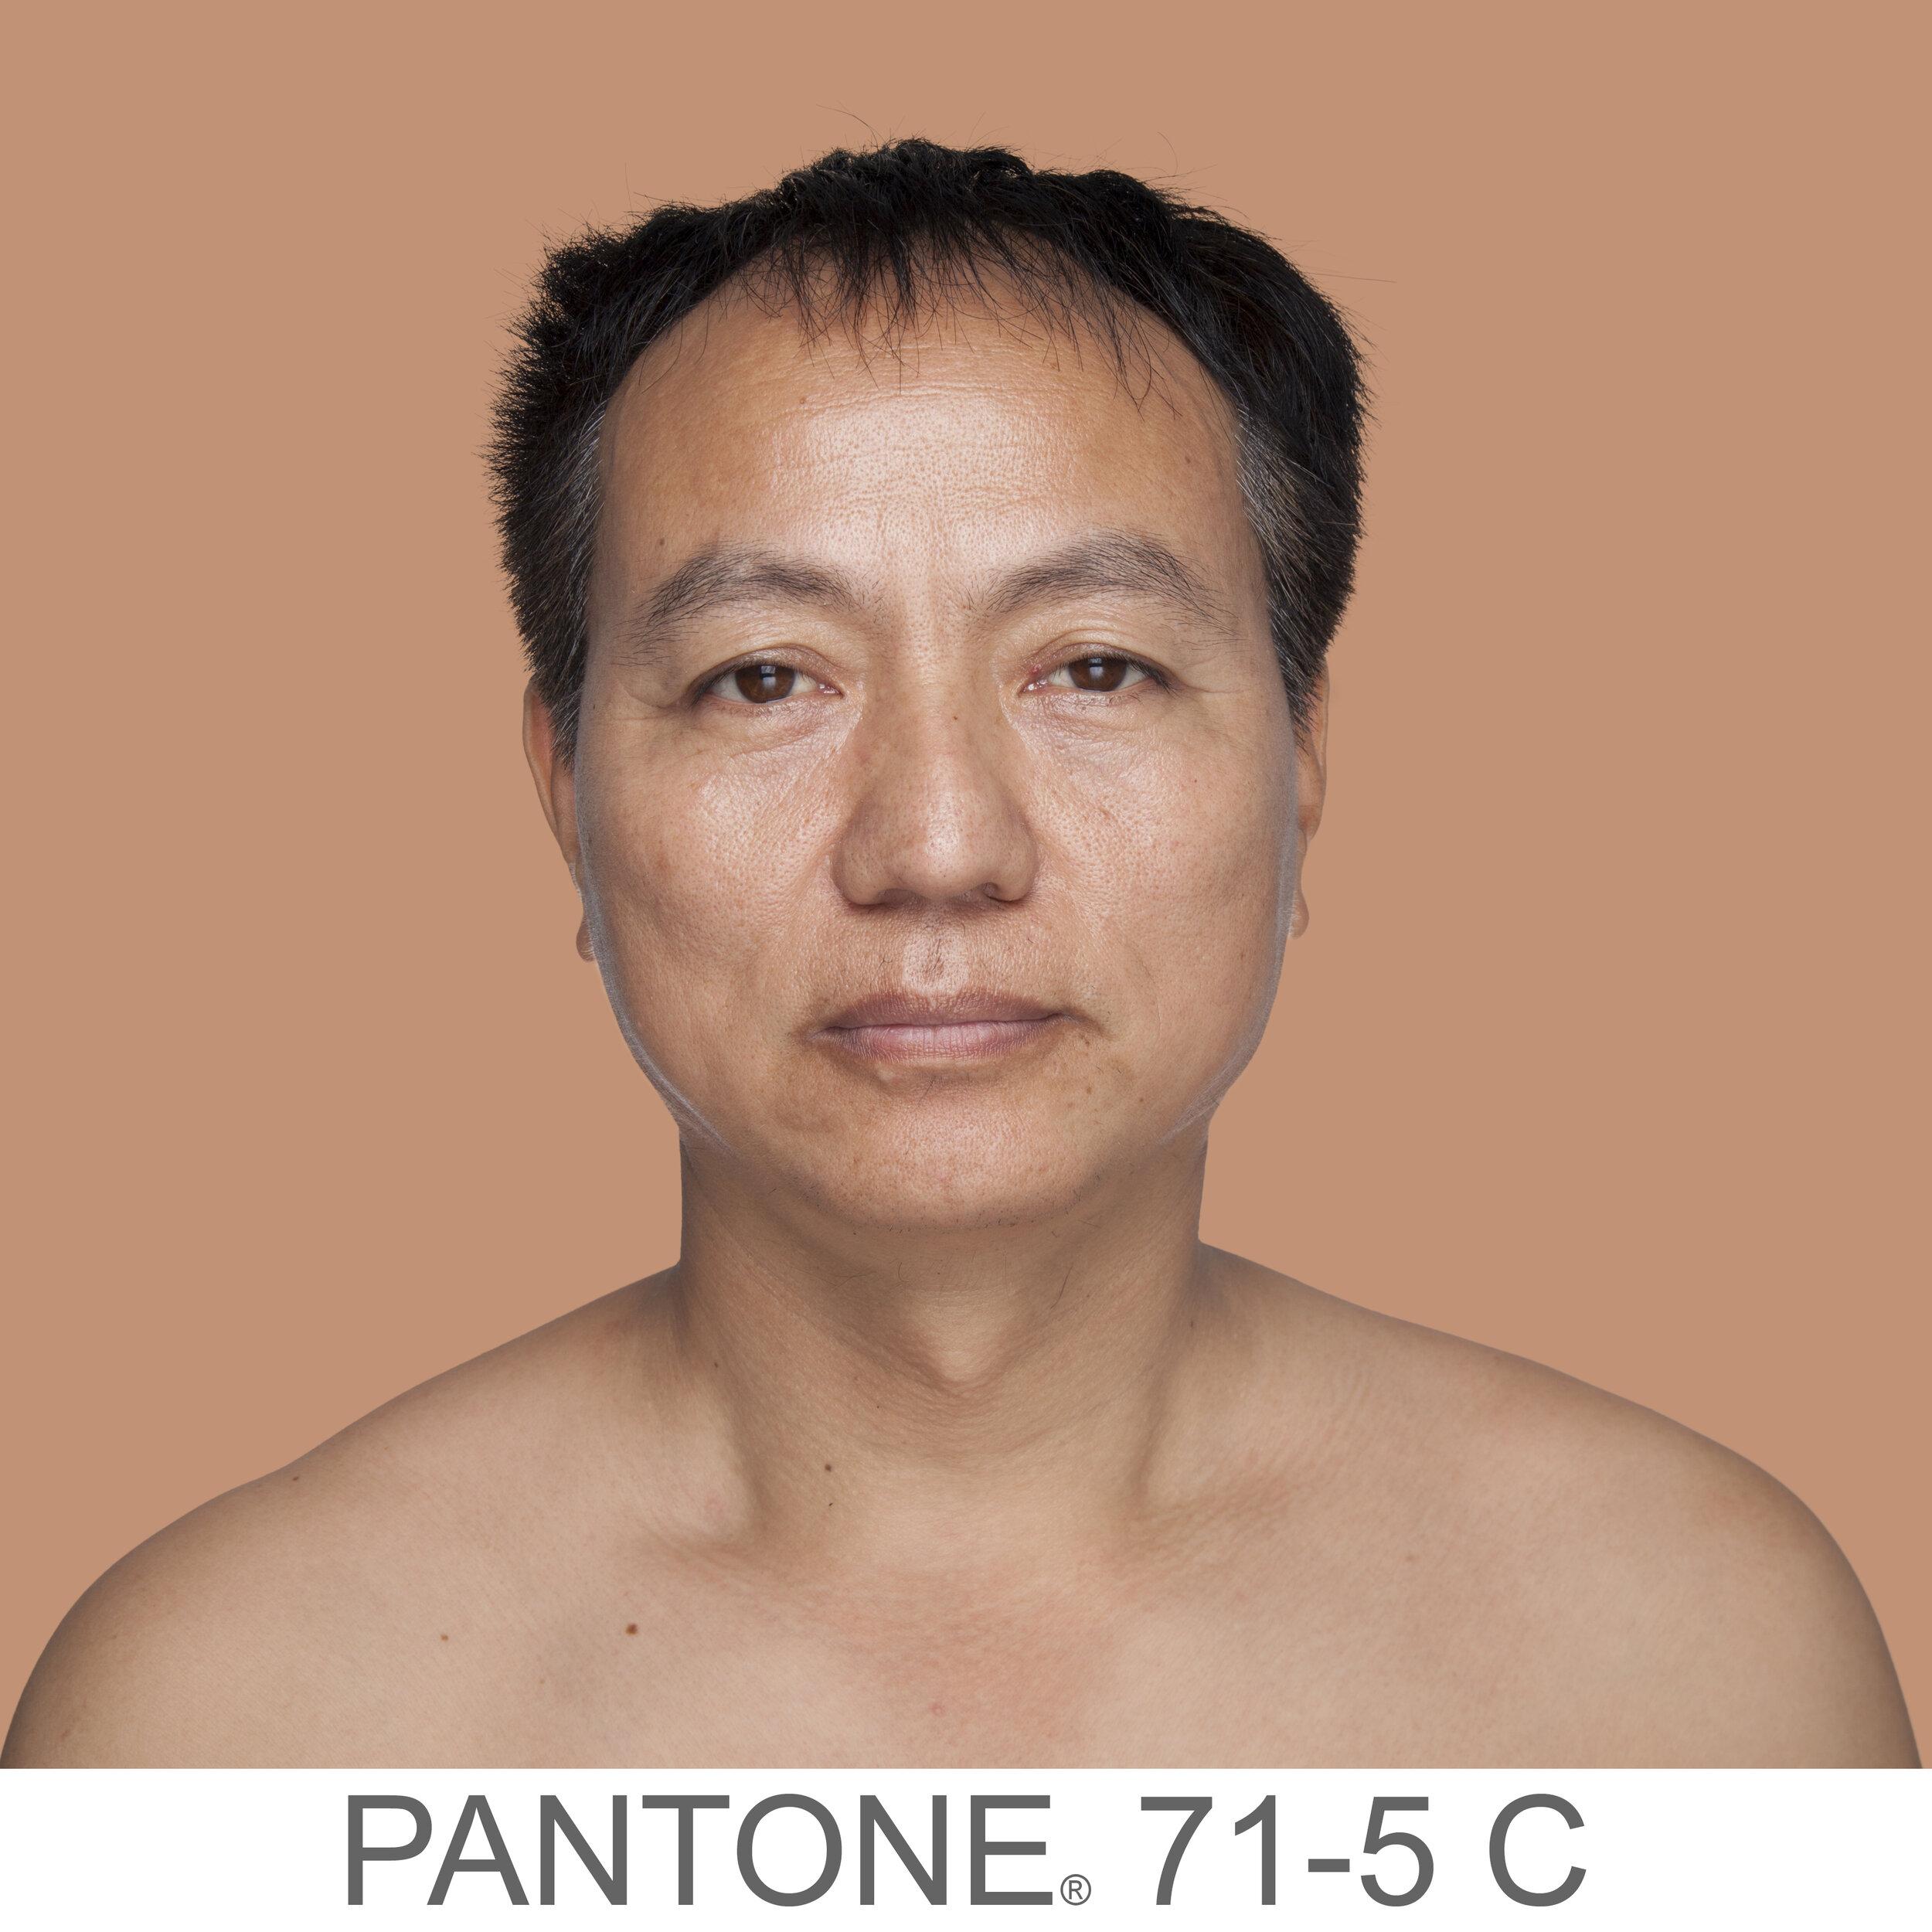 humanae 71-5 C CN copia.jpg